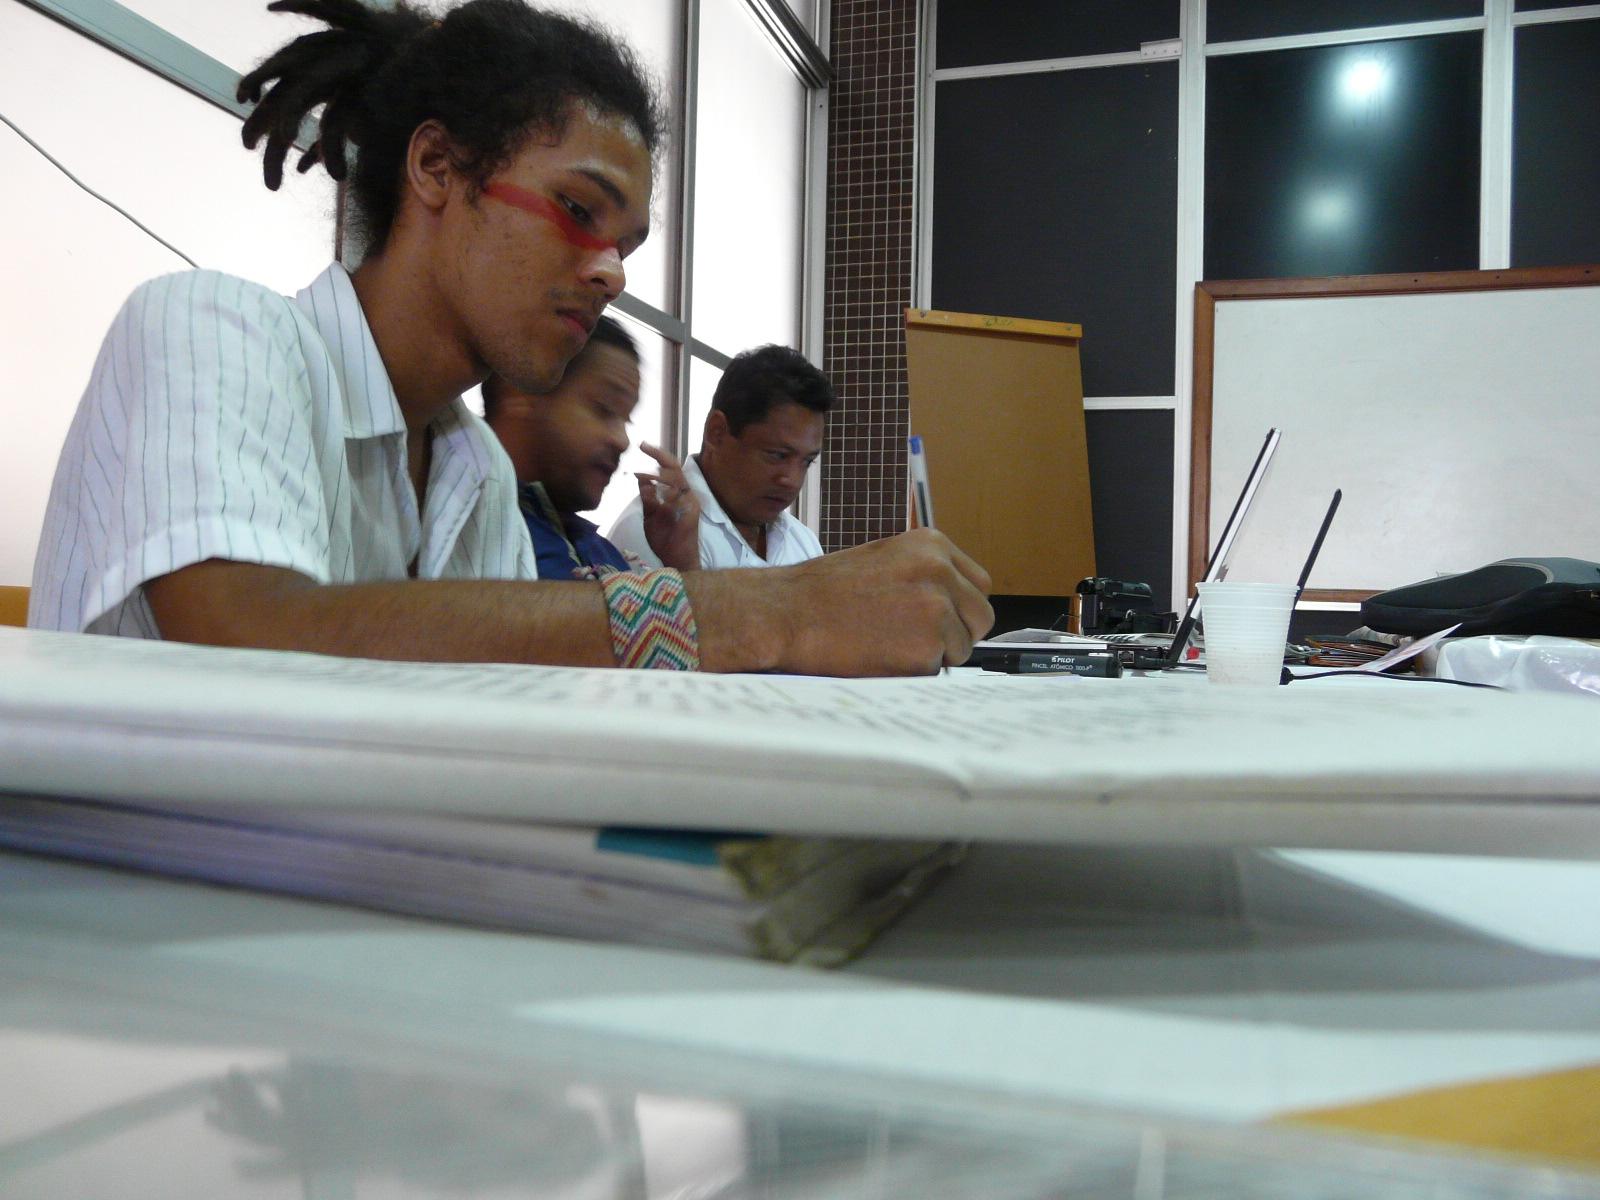 No período de 24 a 26 de julho foi realizada em Belém a oficina para as regionais Amapá, Carajás, Marajó e Nordeste Paraense. O pontão de cultura Rede Amazônica de Protagonismo Juvenil, projeto realizado pelos Argonautas Ambientalistas da Amazônia com patrocínio do Ministério da Cultura, apoiou a realização da oficina. Os Argonautas fazem parte da rede GTA e o apoio à rede é um dos objetivos do pontão de cultura.